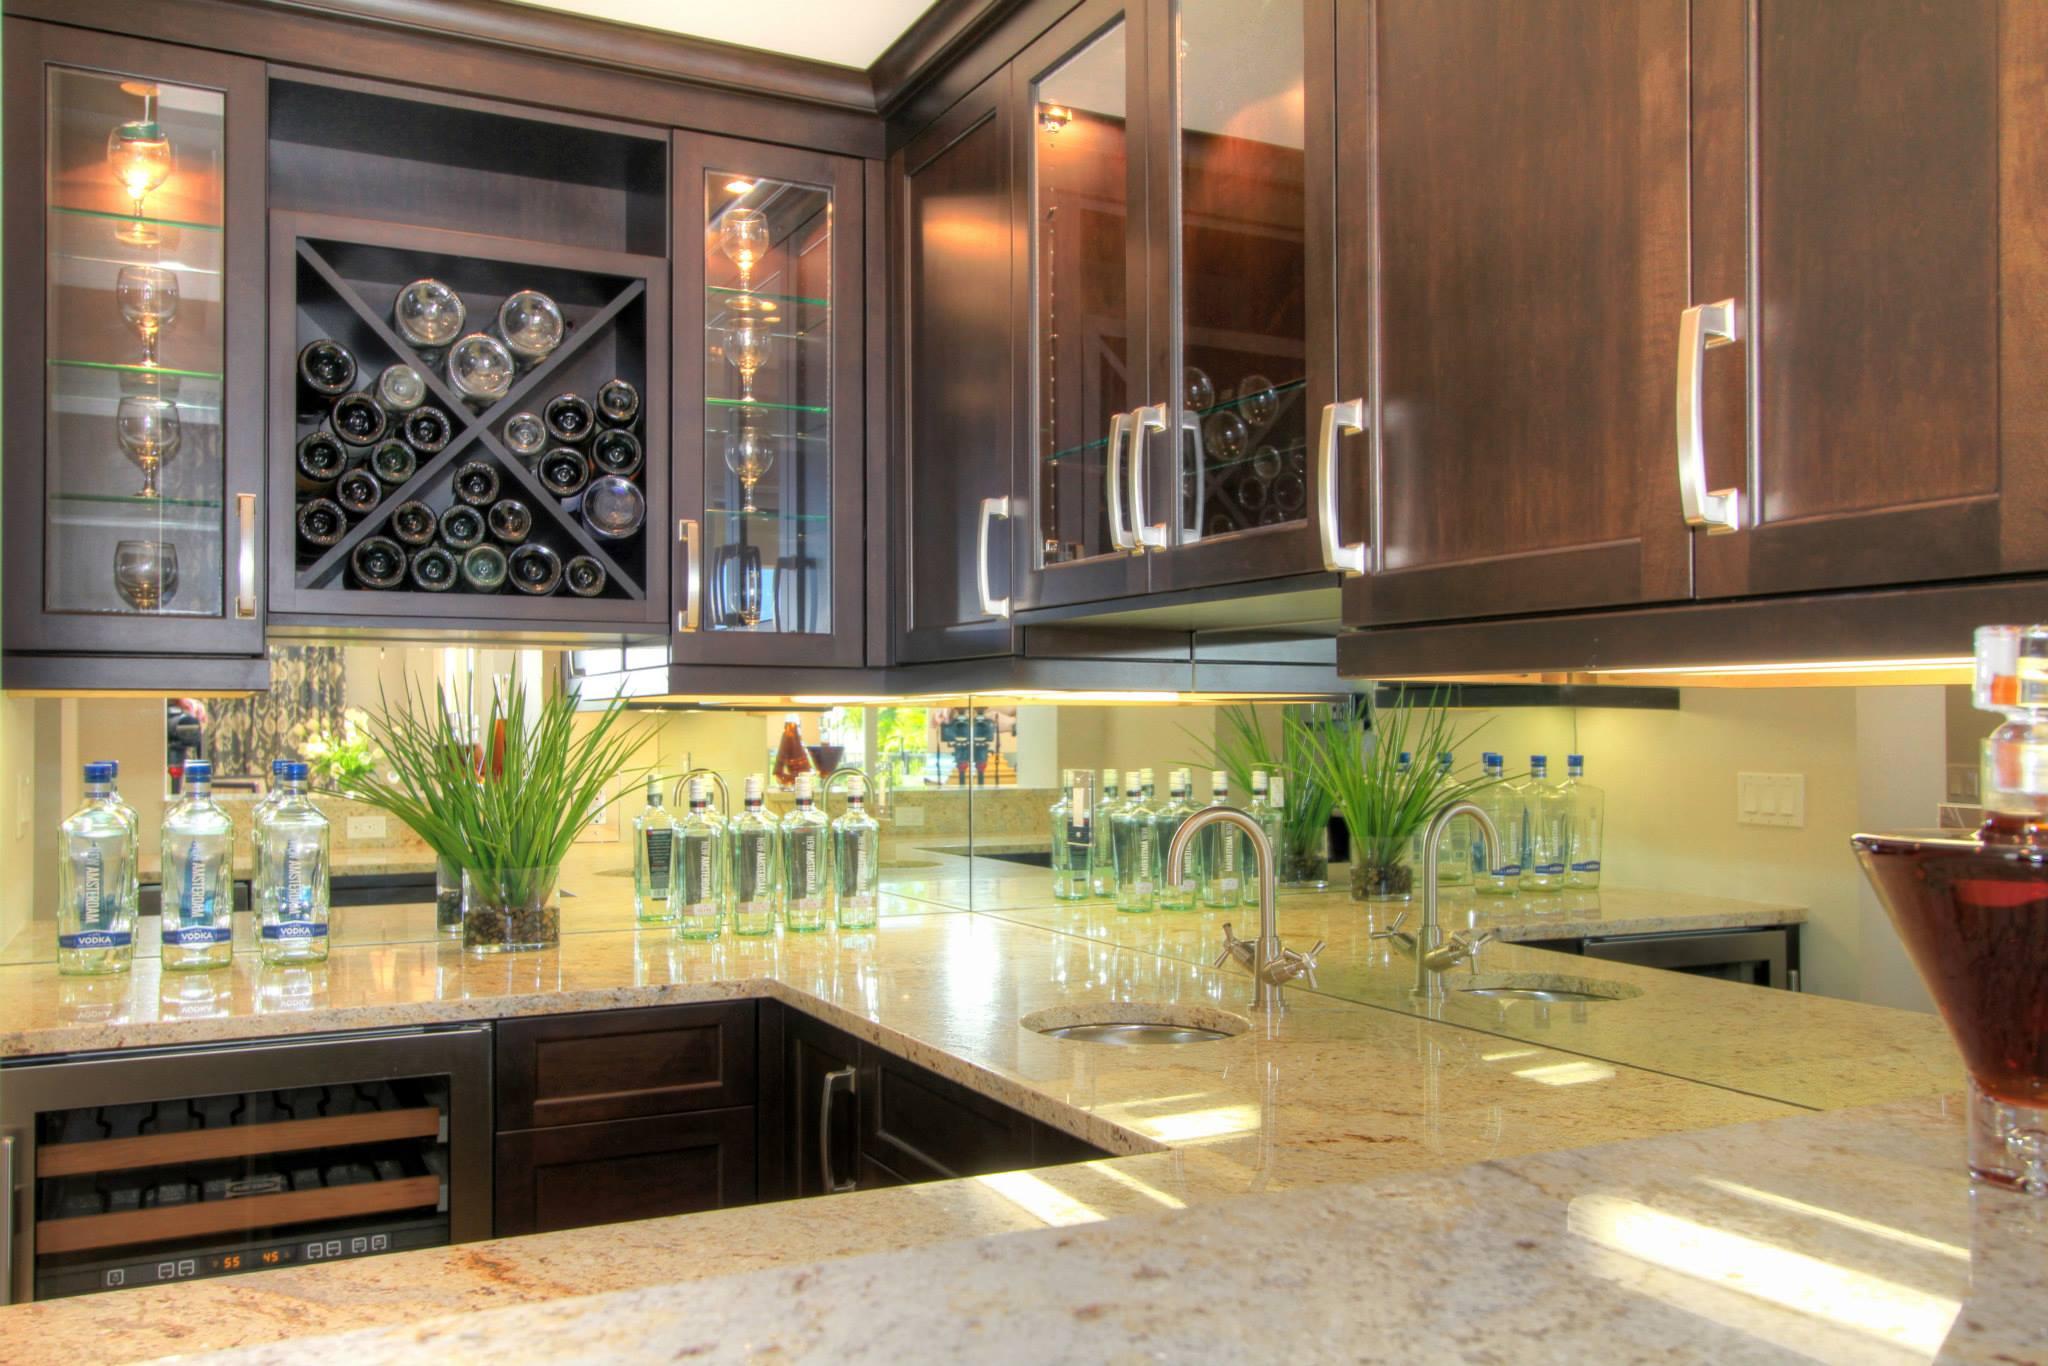 mirror glass backsplash glass backsplashes for kitchens mirror glass backsplash